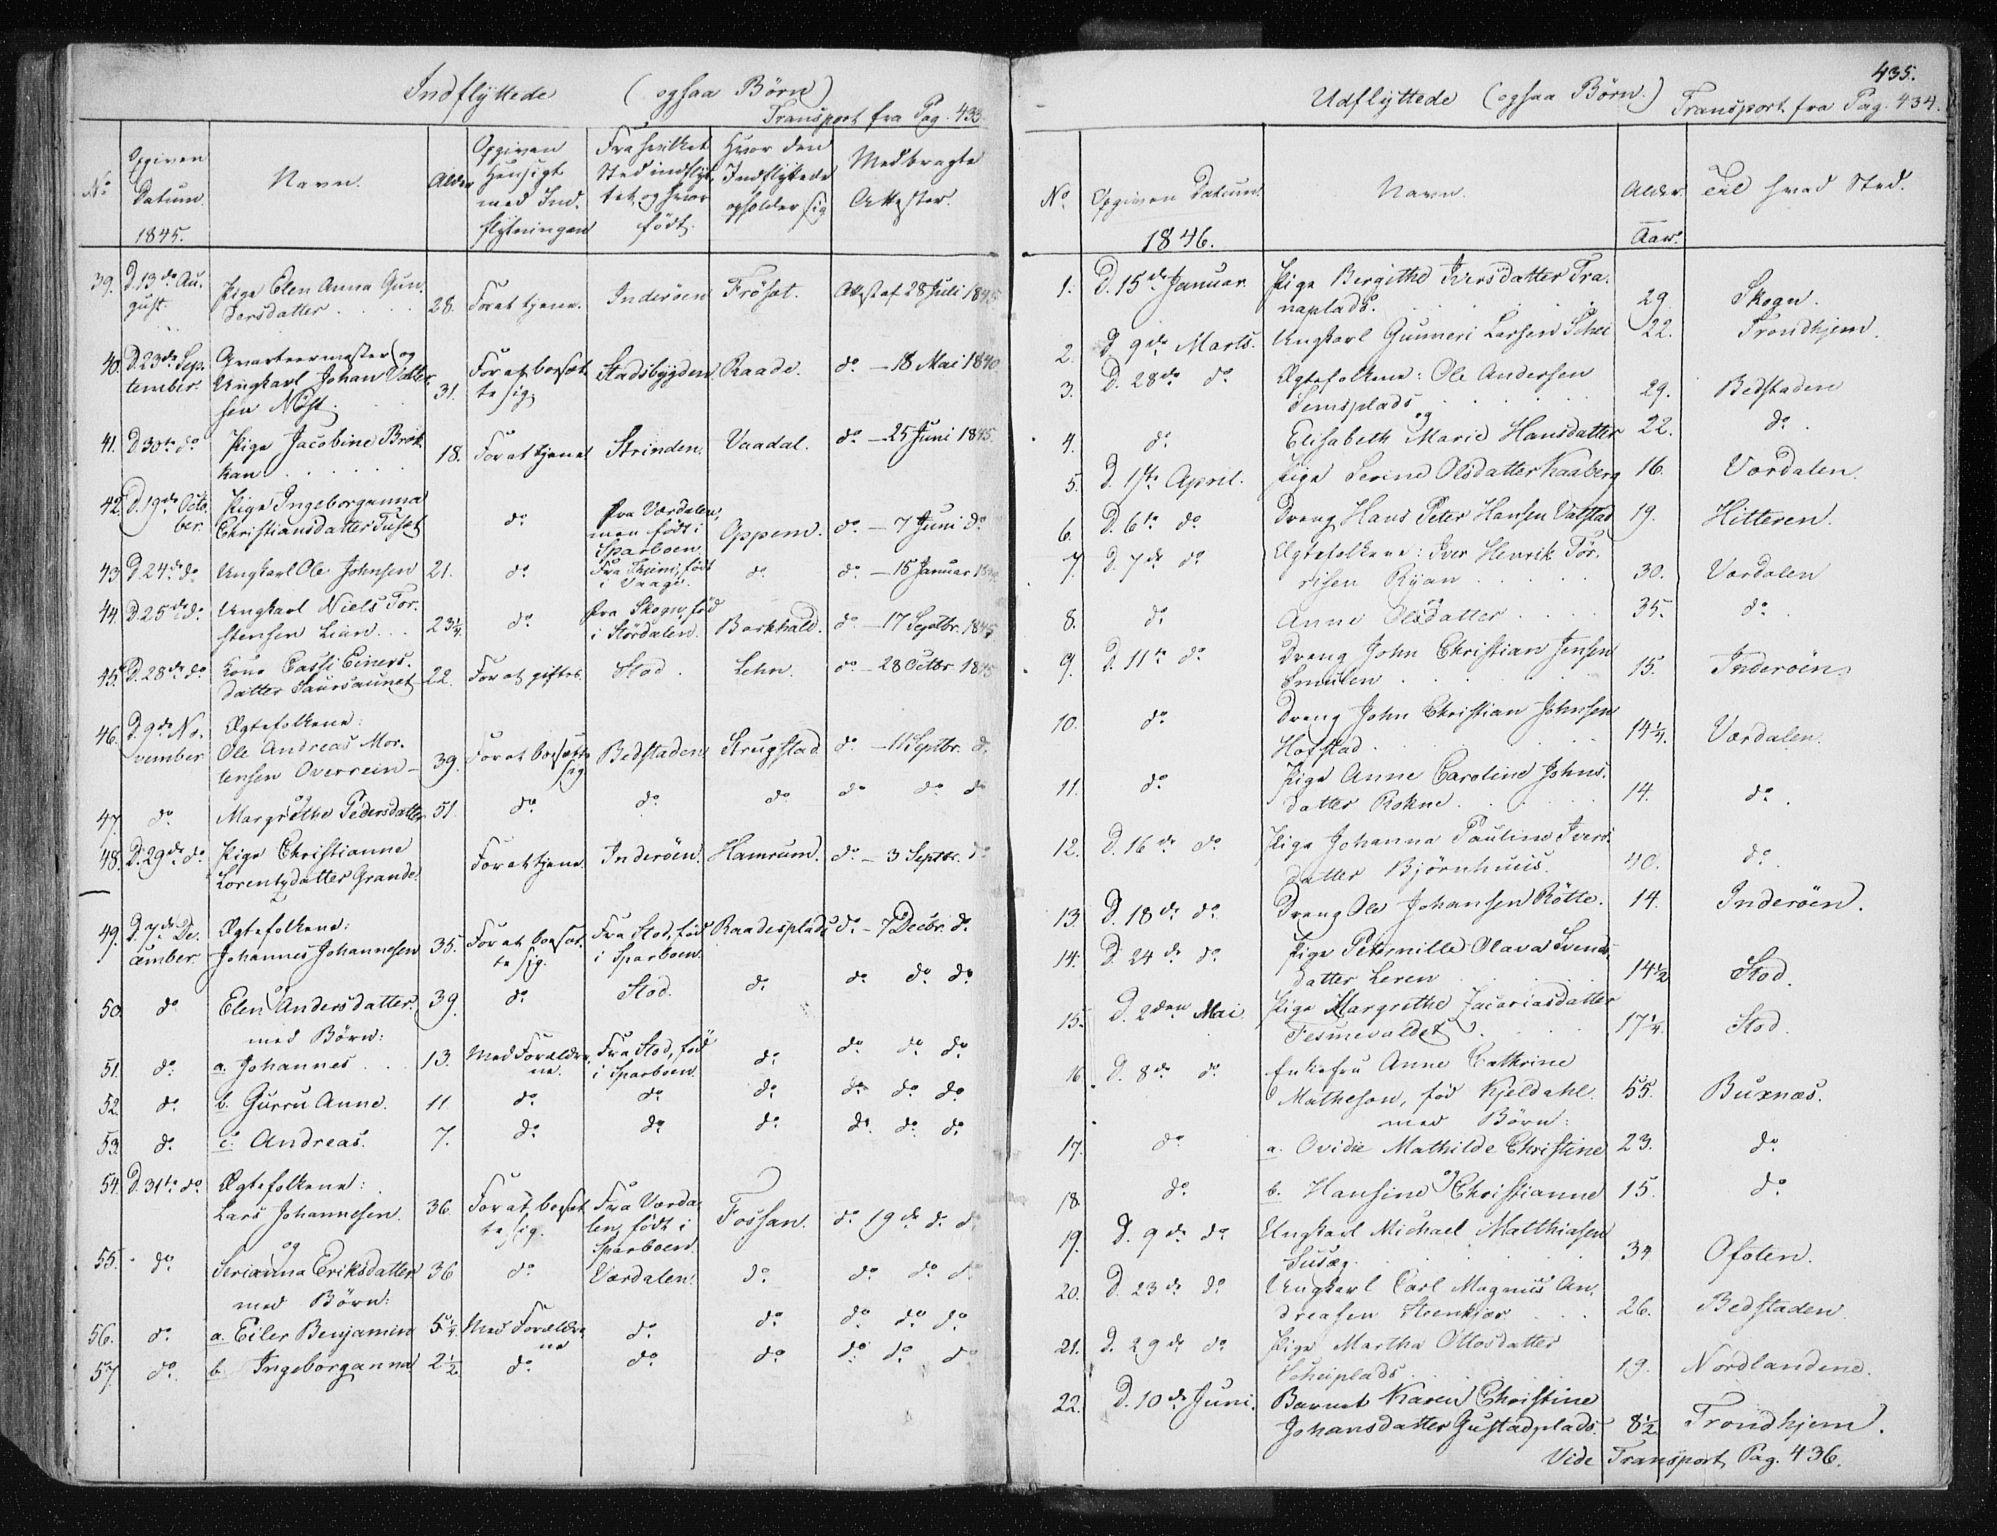 SAT, Ministerialprotokoller, klokkerbøker og fødselsregistre - Nord-Trøndelag, 735/L0339: Ministerialbok nr. 735A06 /1, 1836-1848, s. 435